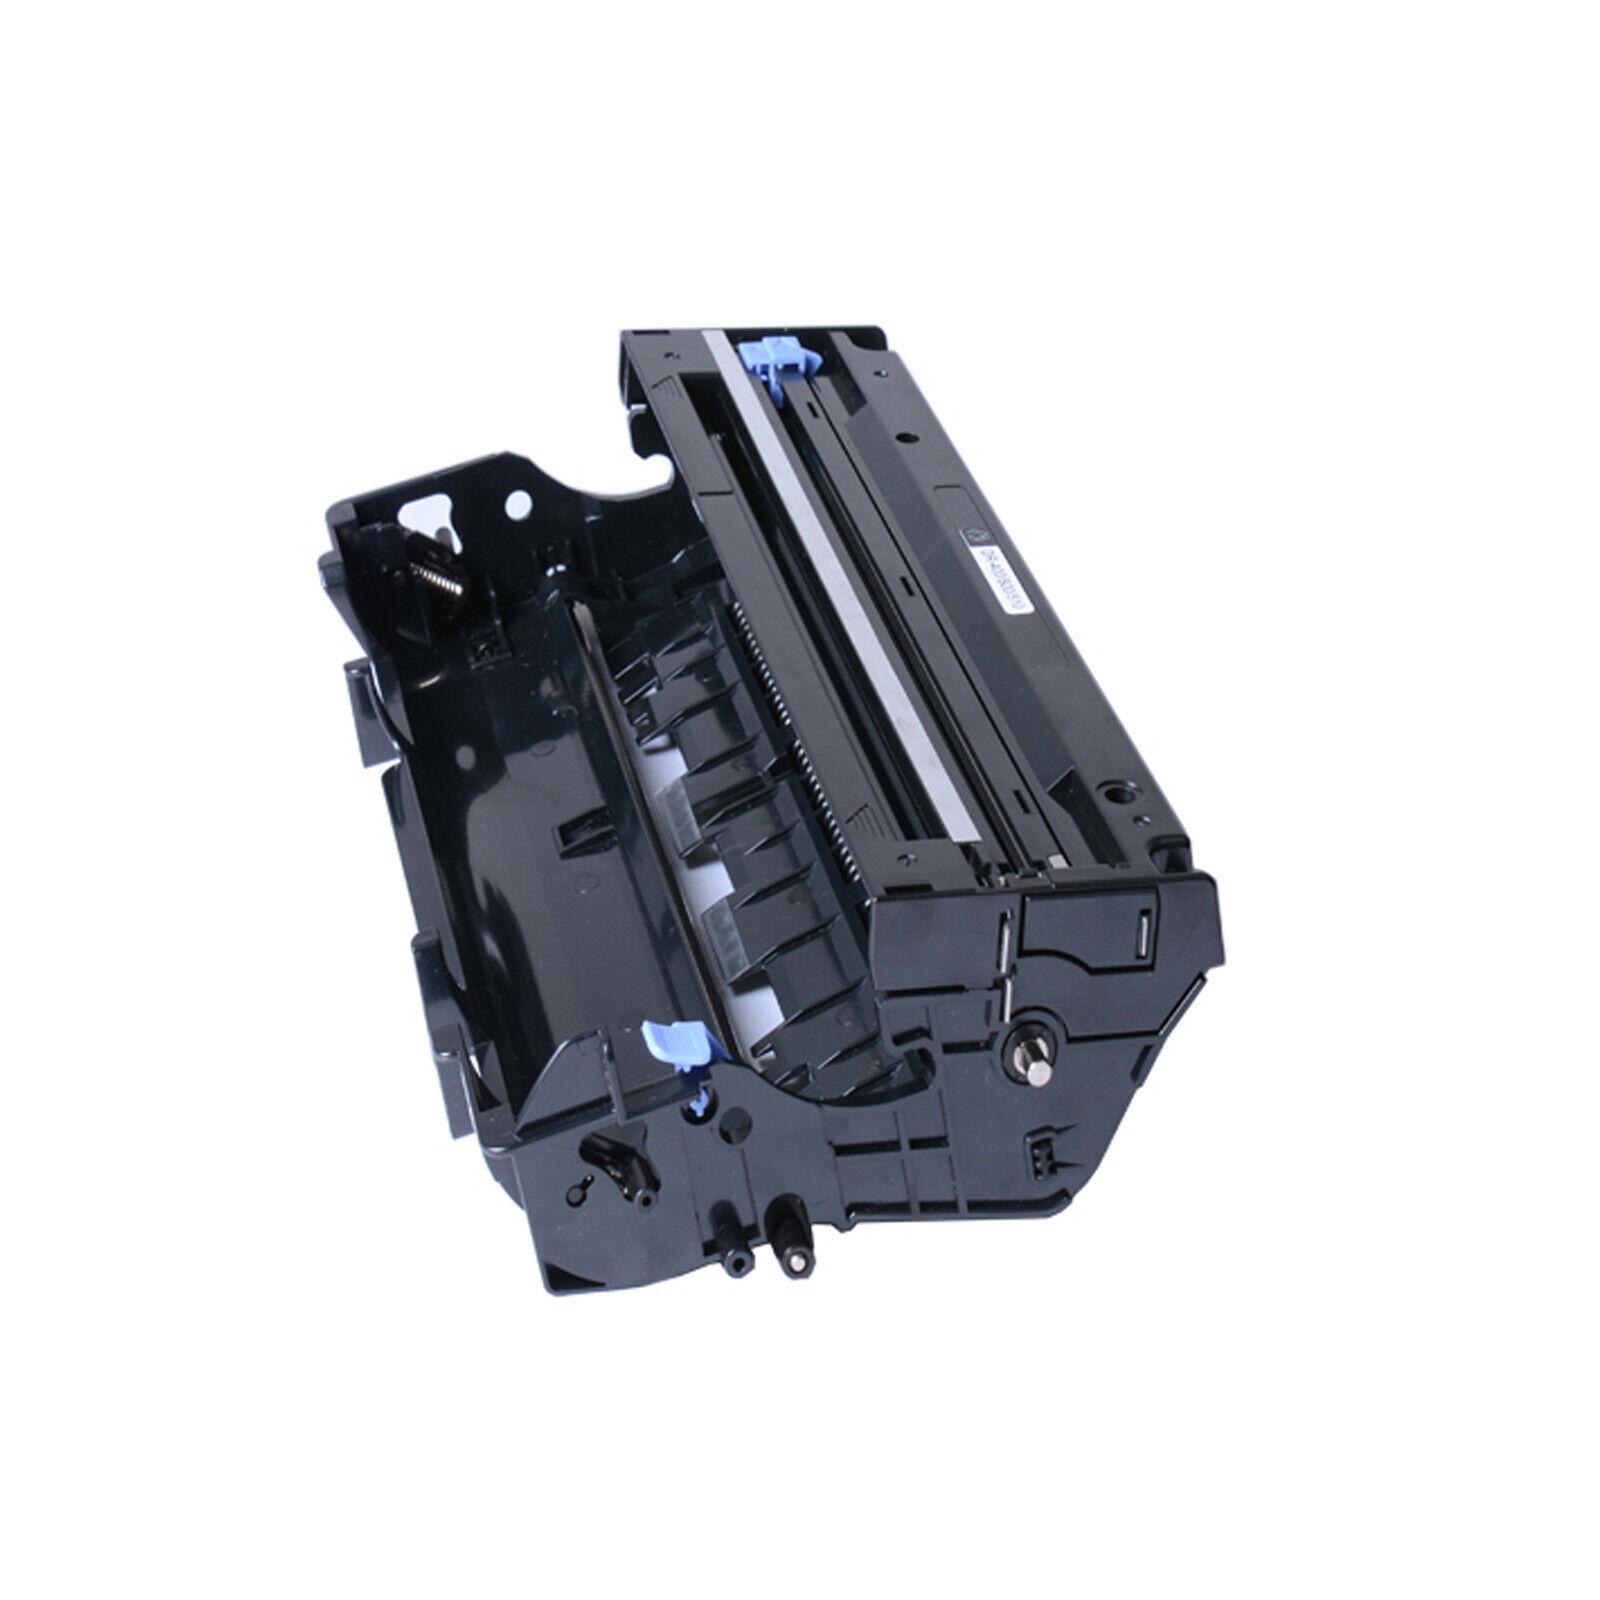 Brother Hl 1230 Hl 1440 Hl 1450 Hl 1470n Laser Printer: 8 PK DR400 DR-400 Black Drum Unit For Brother Intellifax